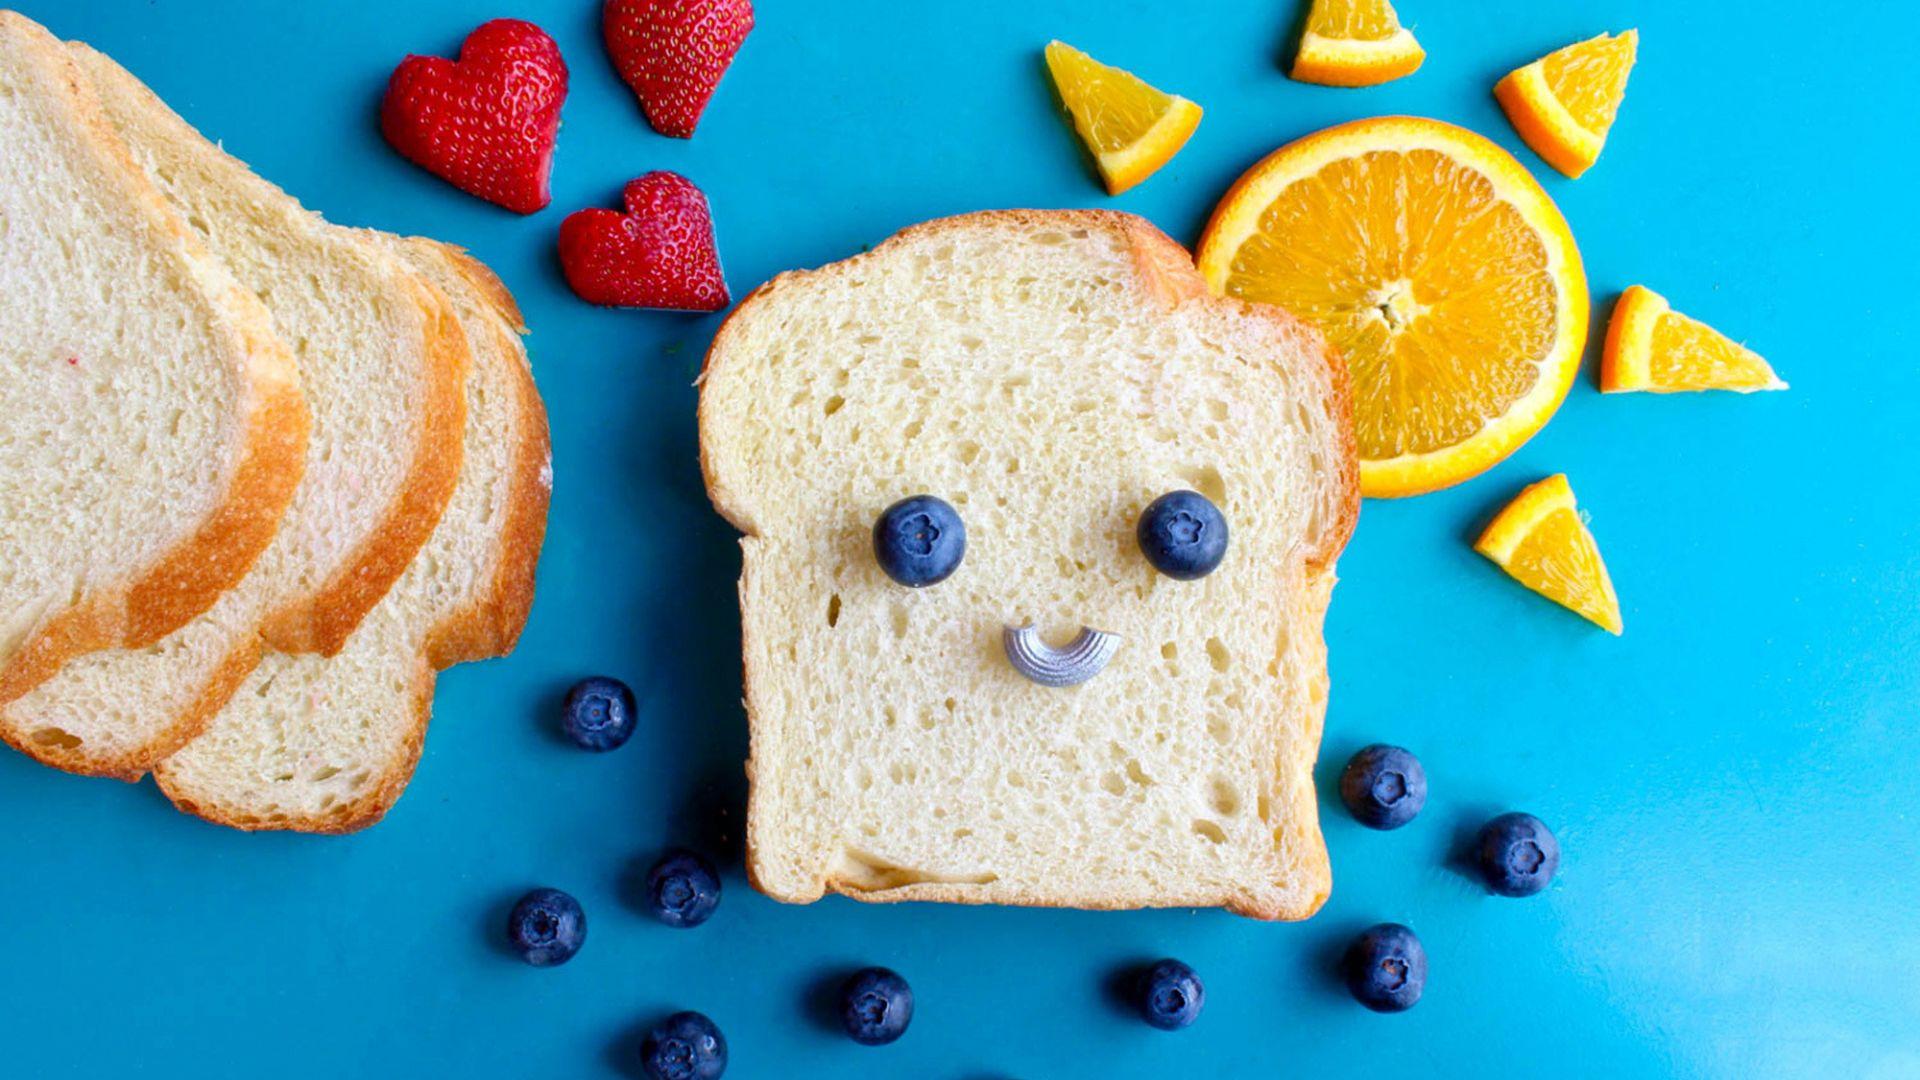 Wallpaper Bread, blueberries, orange, strawberries, food art